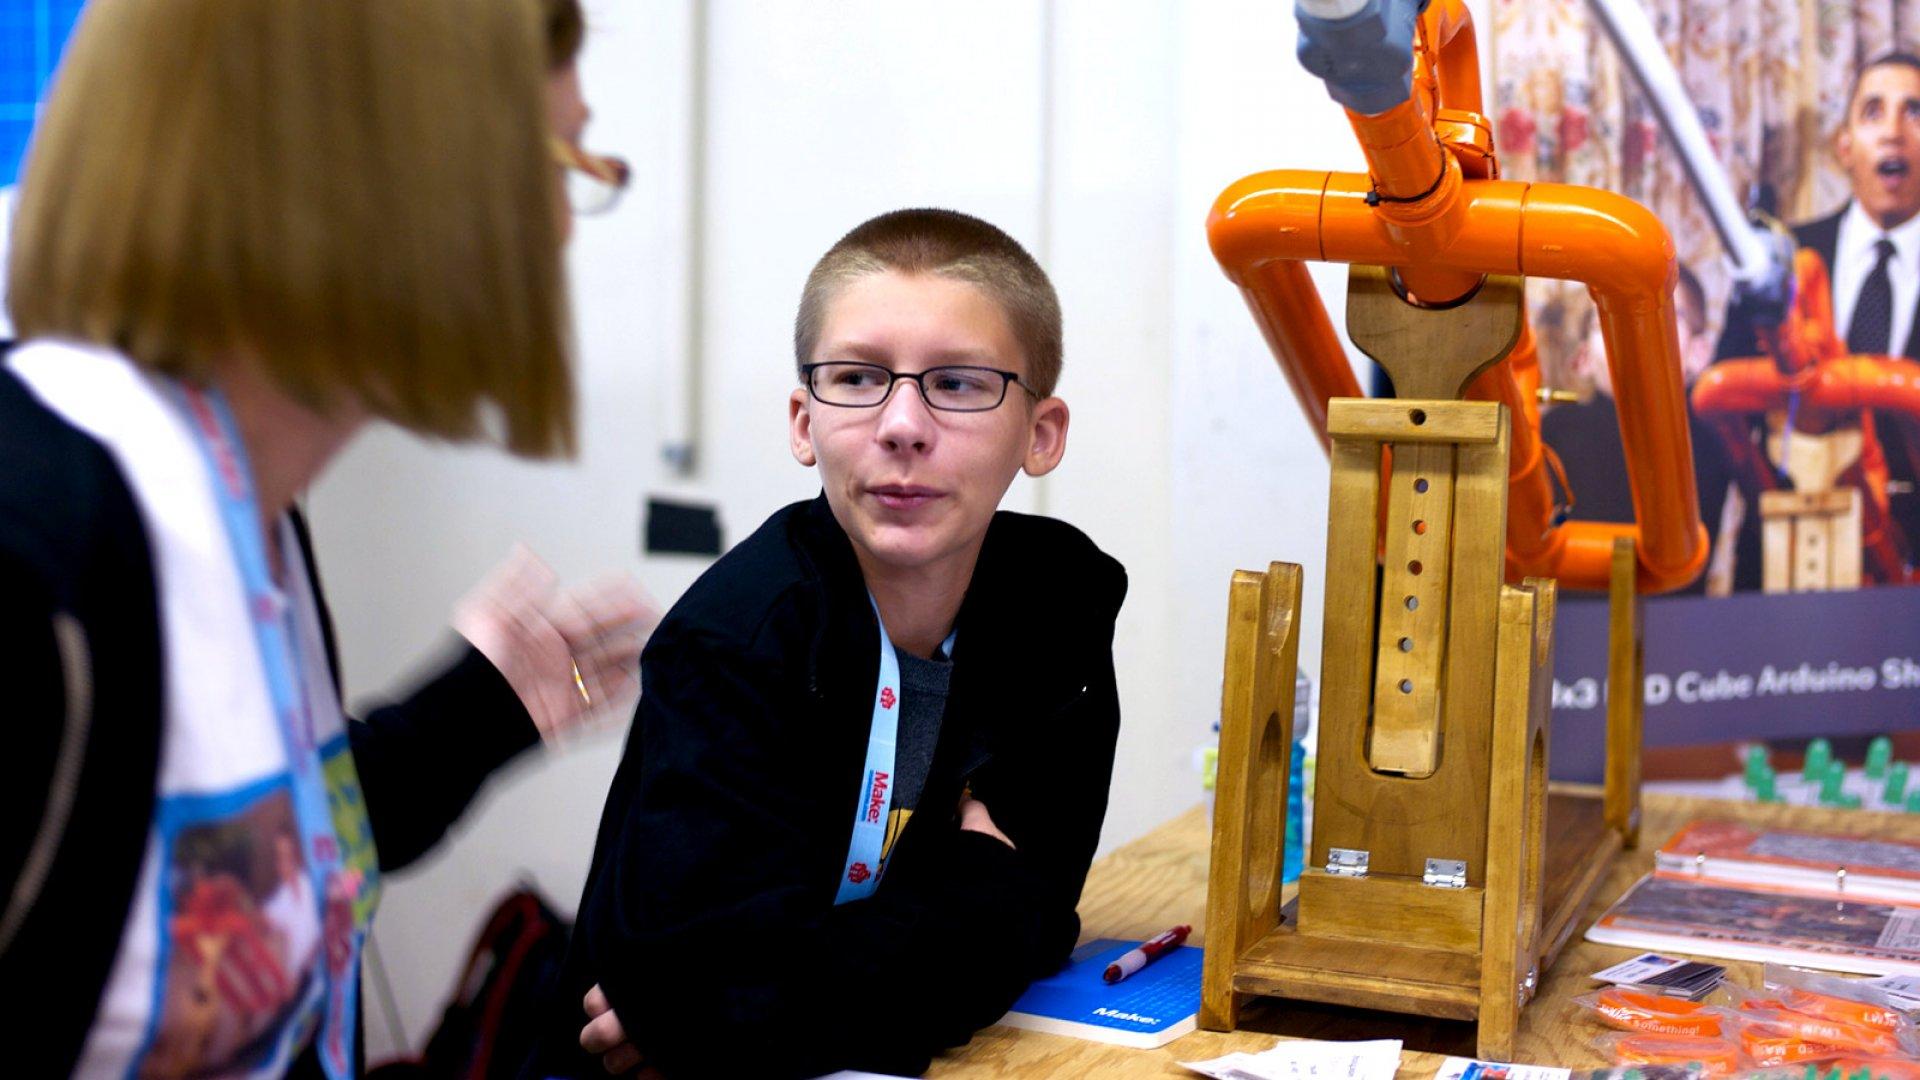 To Spur Entrepreneurship, STEM Education in the Spotlight